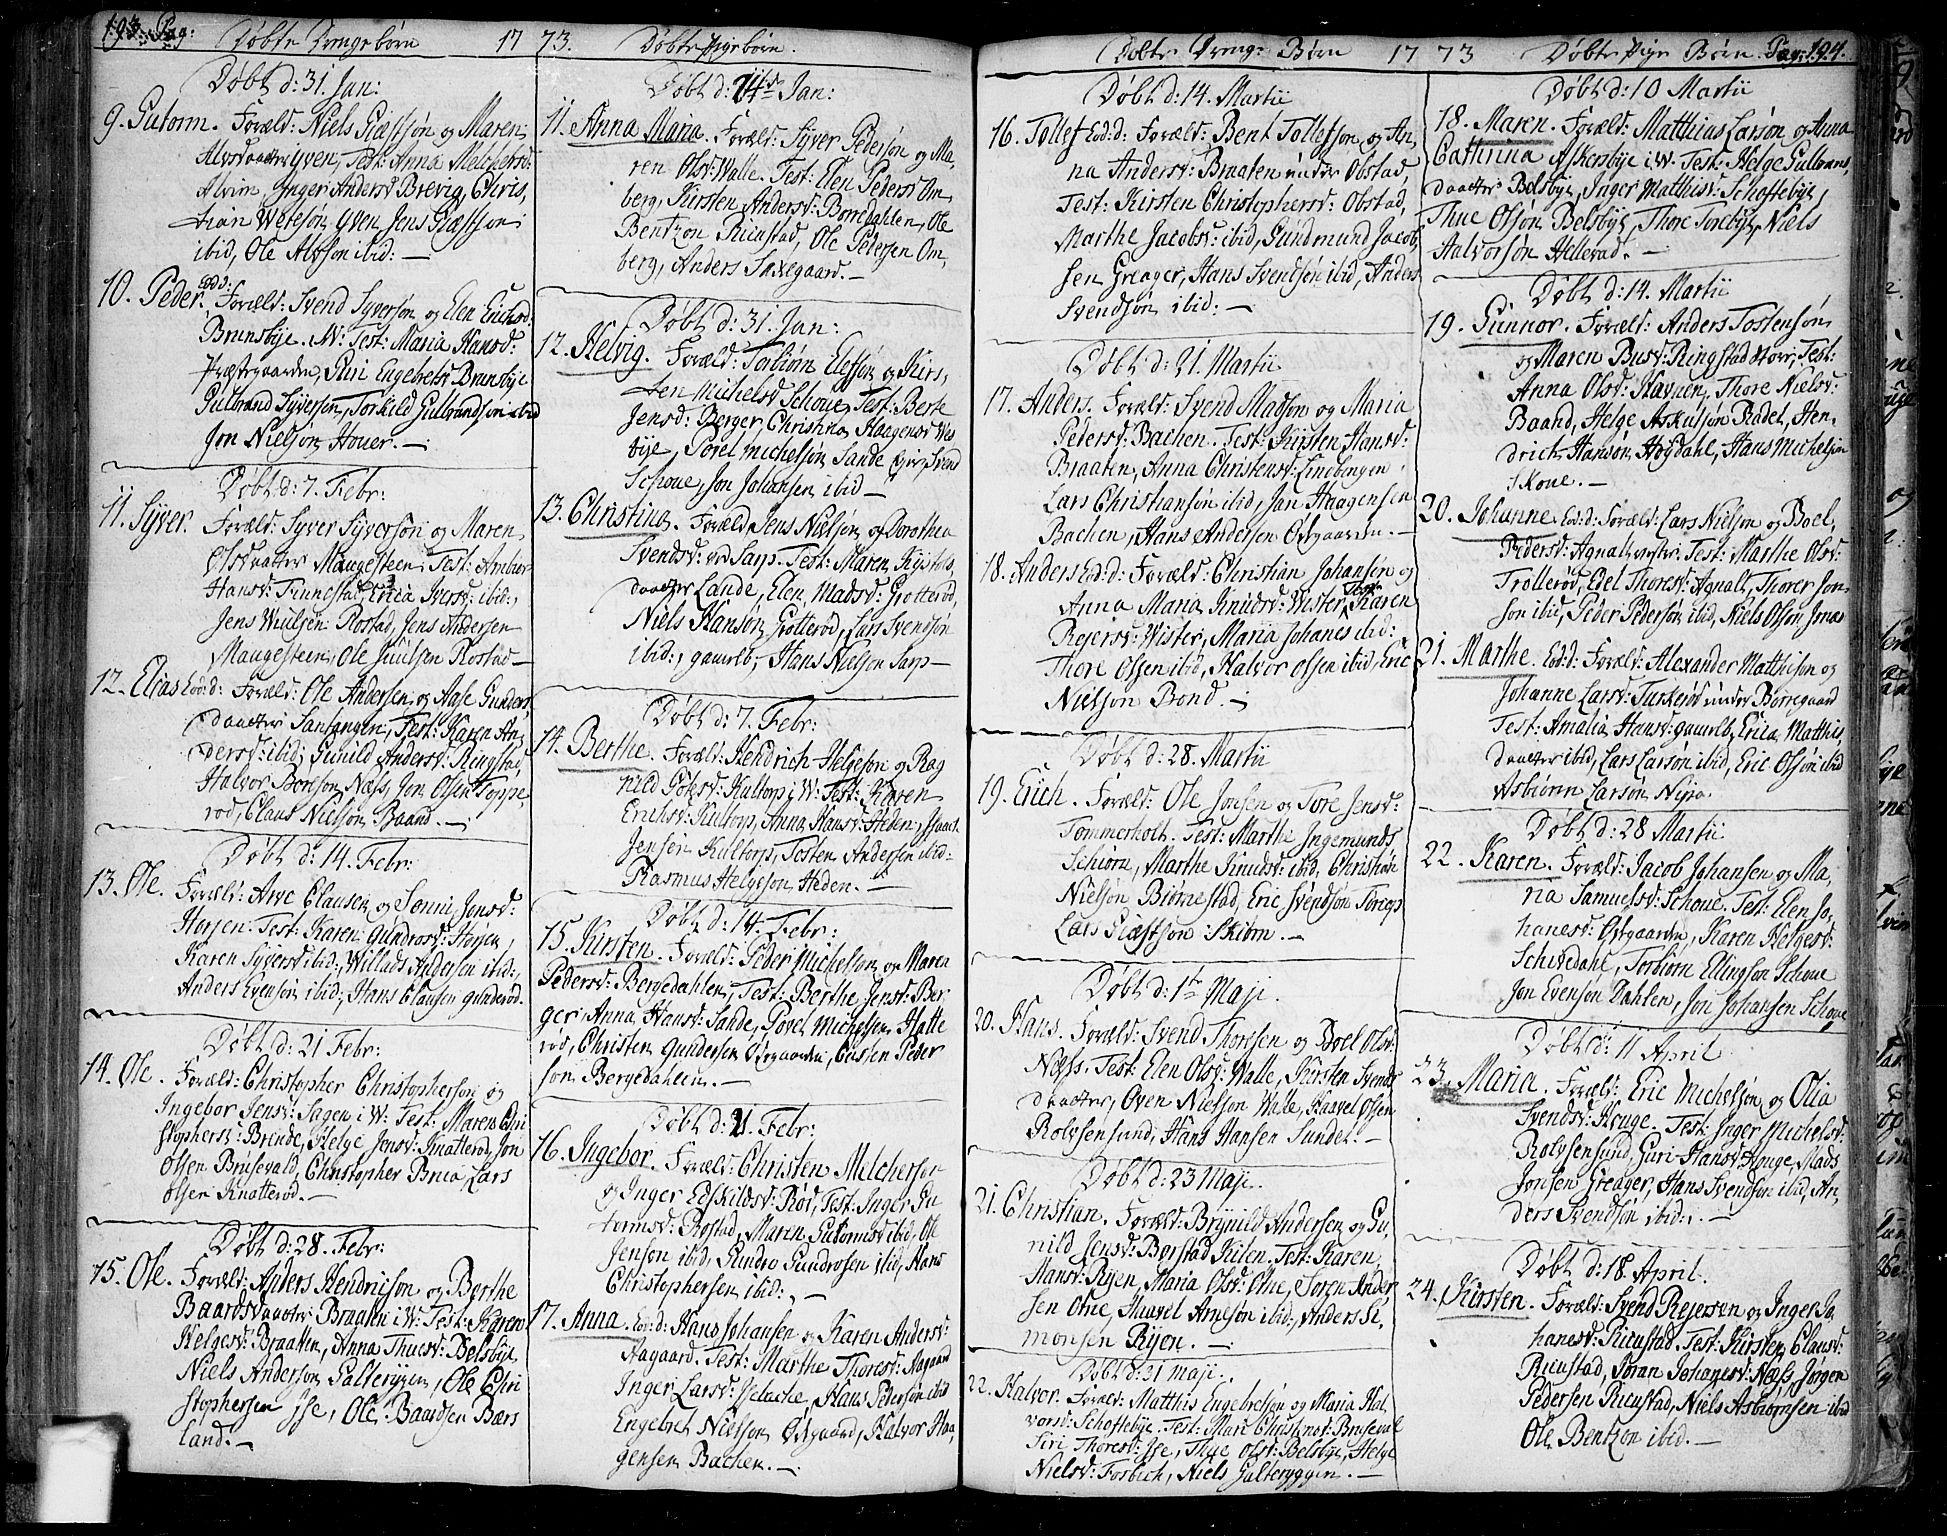 SAO, Tune prestekontor Kirkebøker, F/Fa/L0002: Ministerialbok nr. 2, 1758-1781, s. 193-194